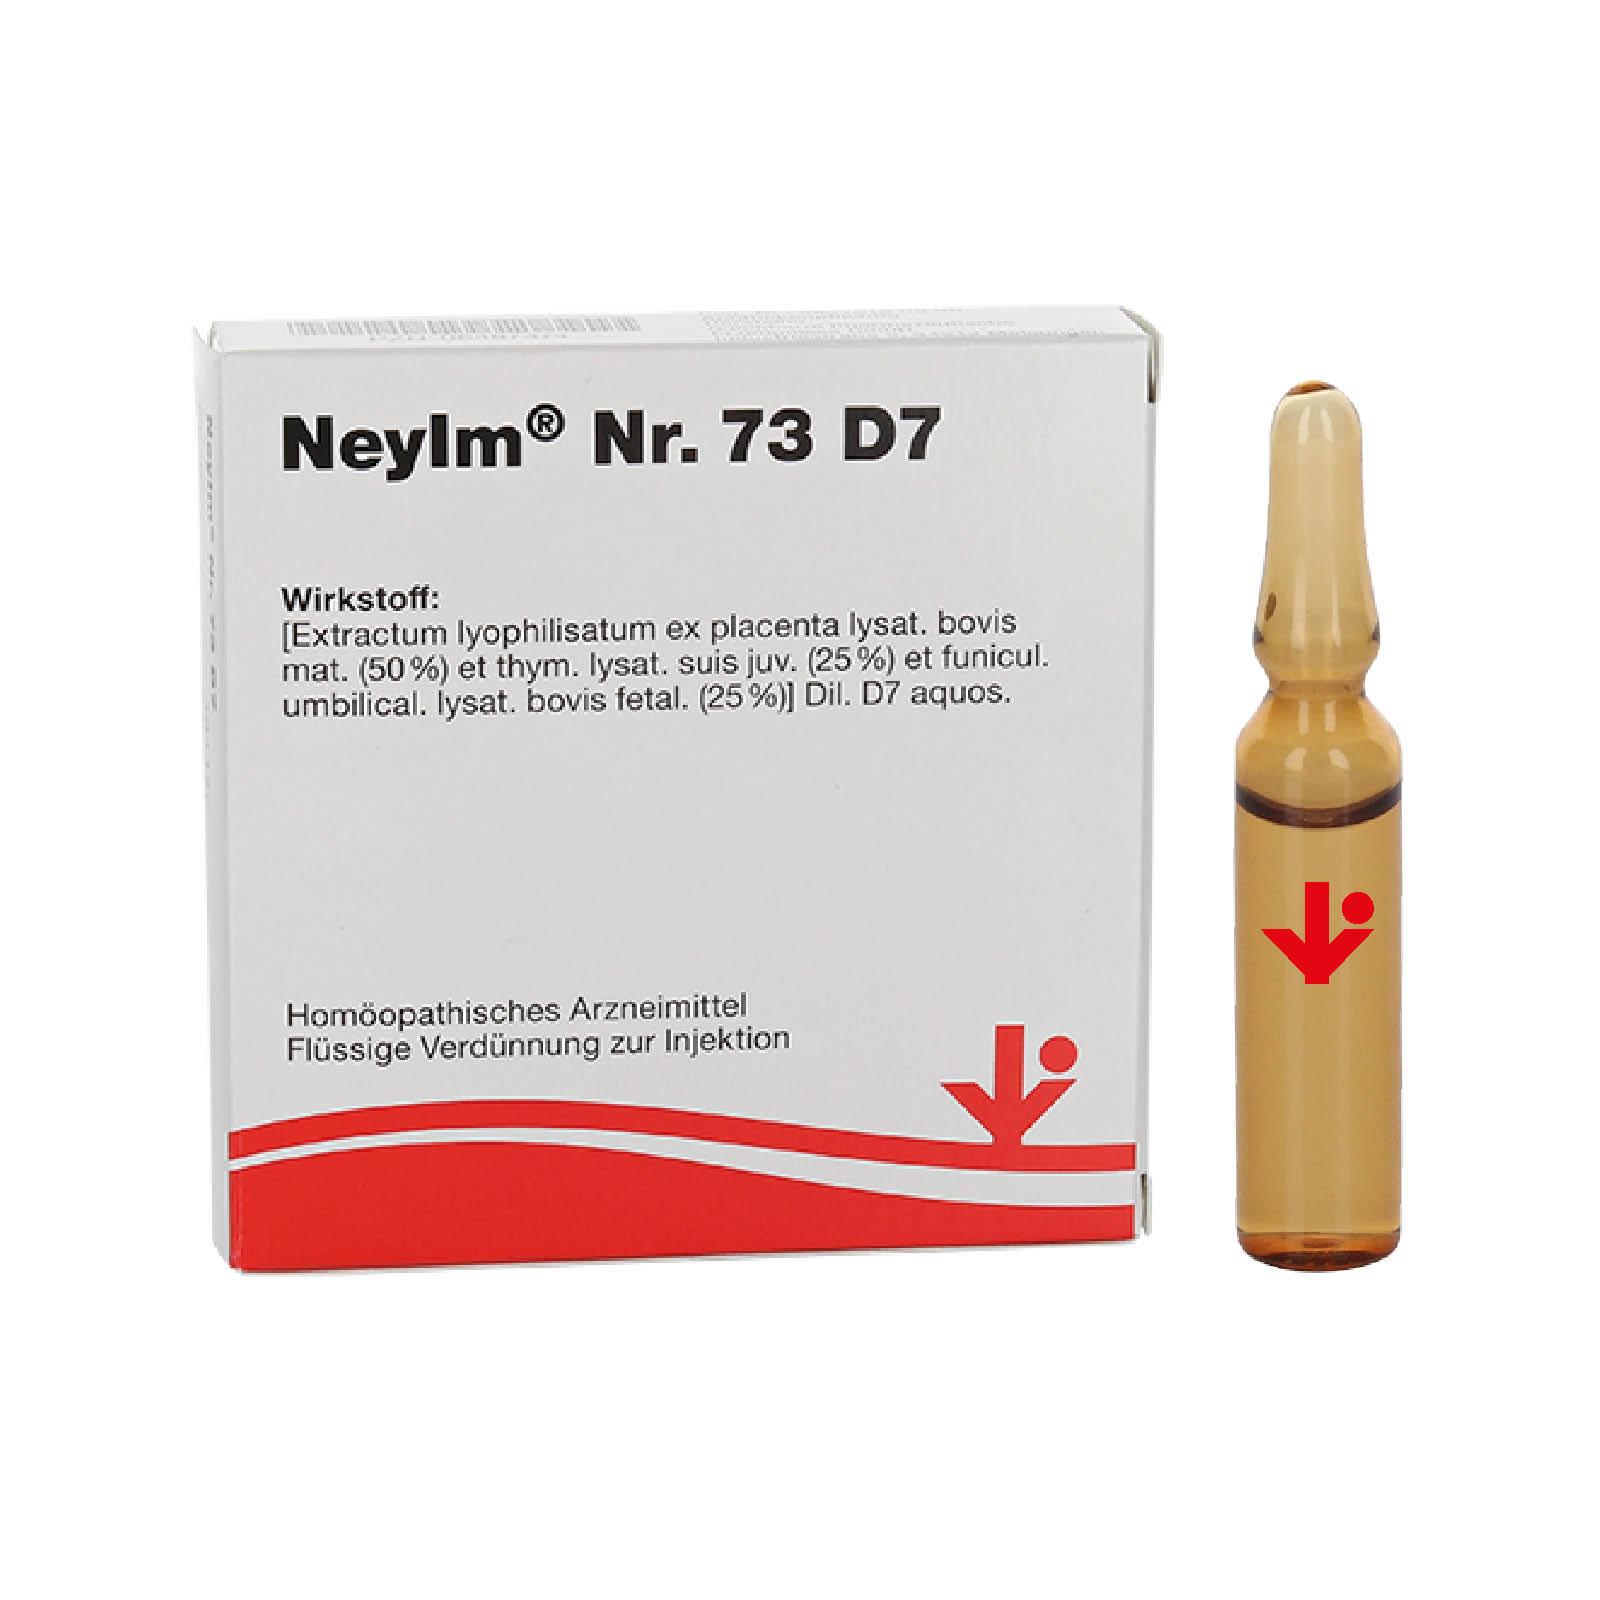 NeyIm Nr. 73 D7 (früher NeyImmun® genannt)